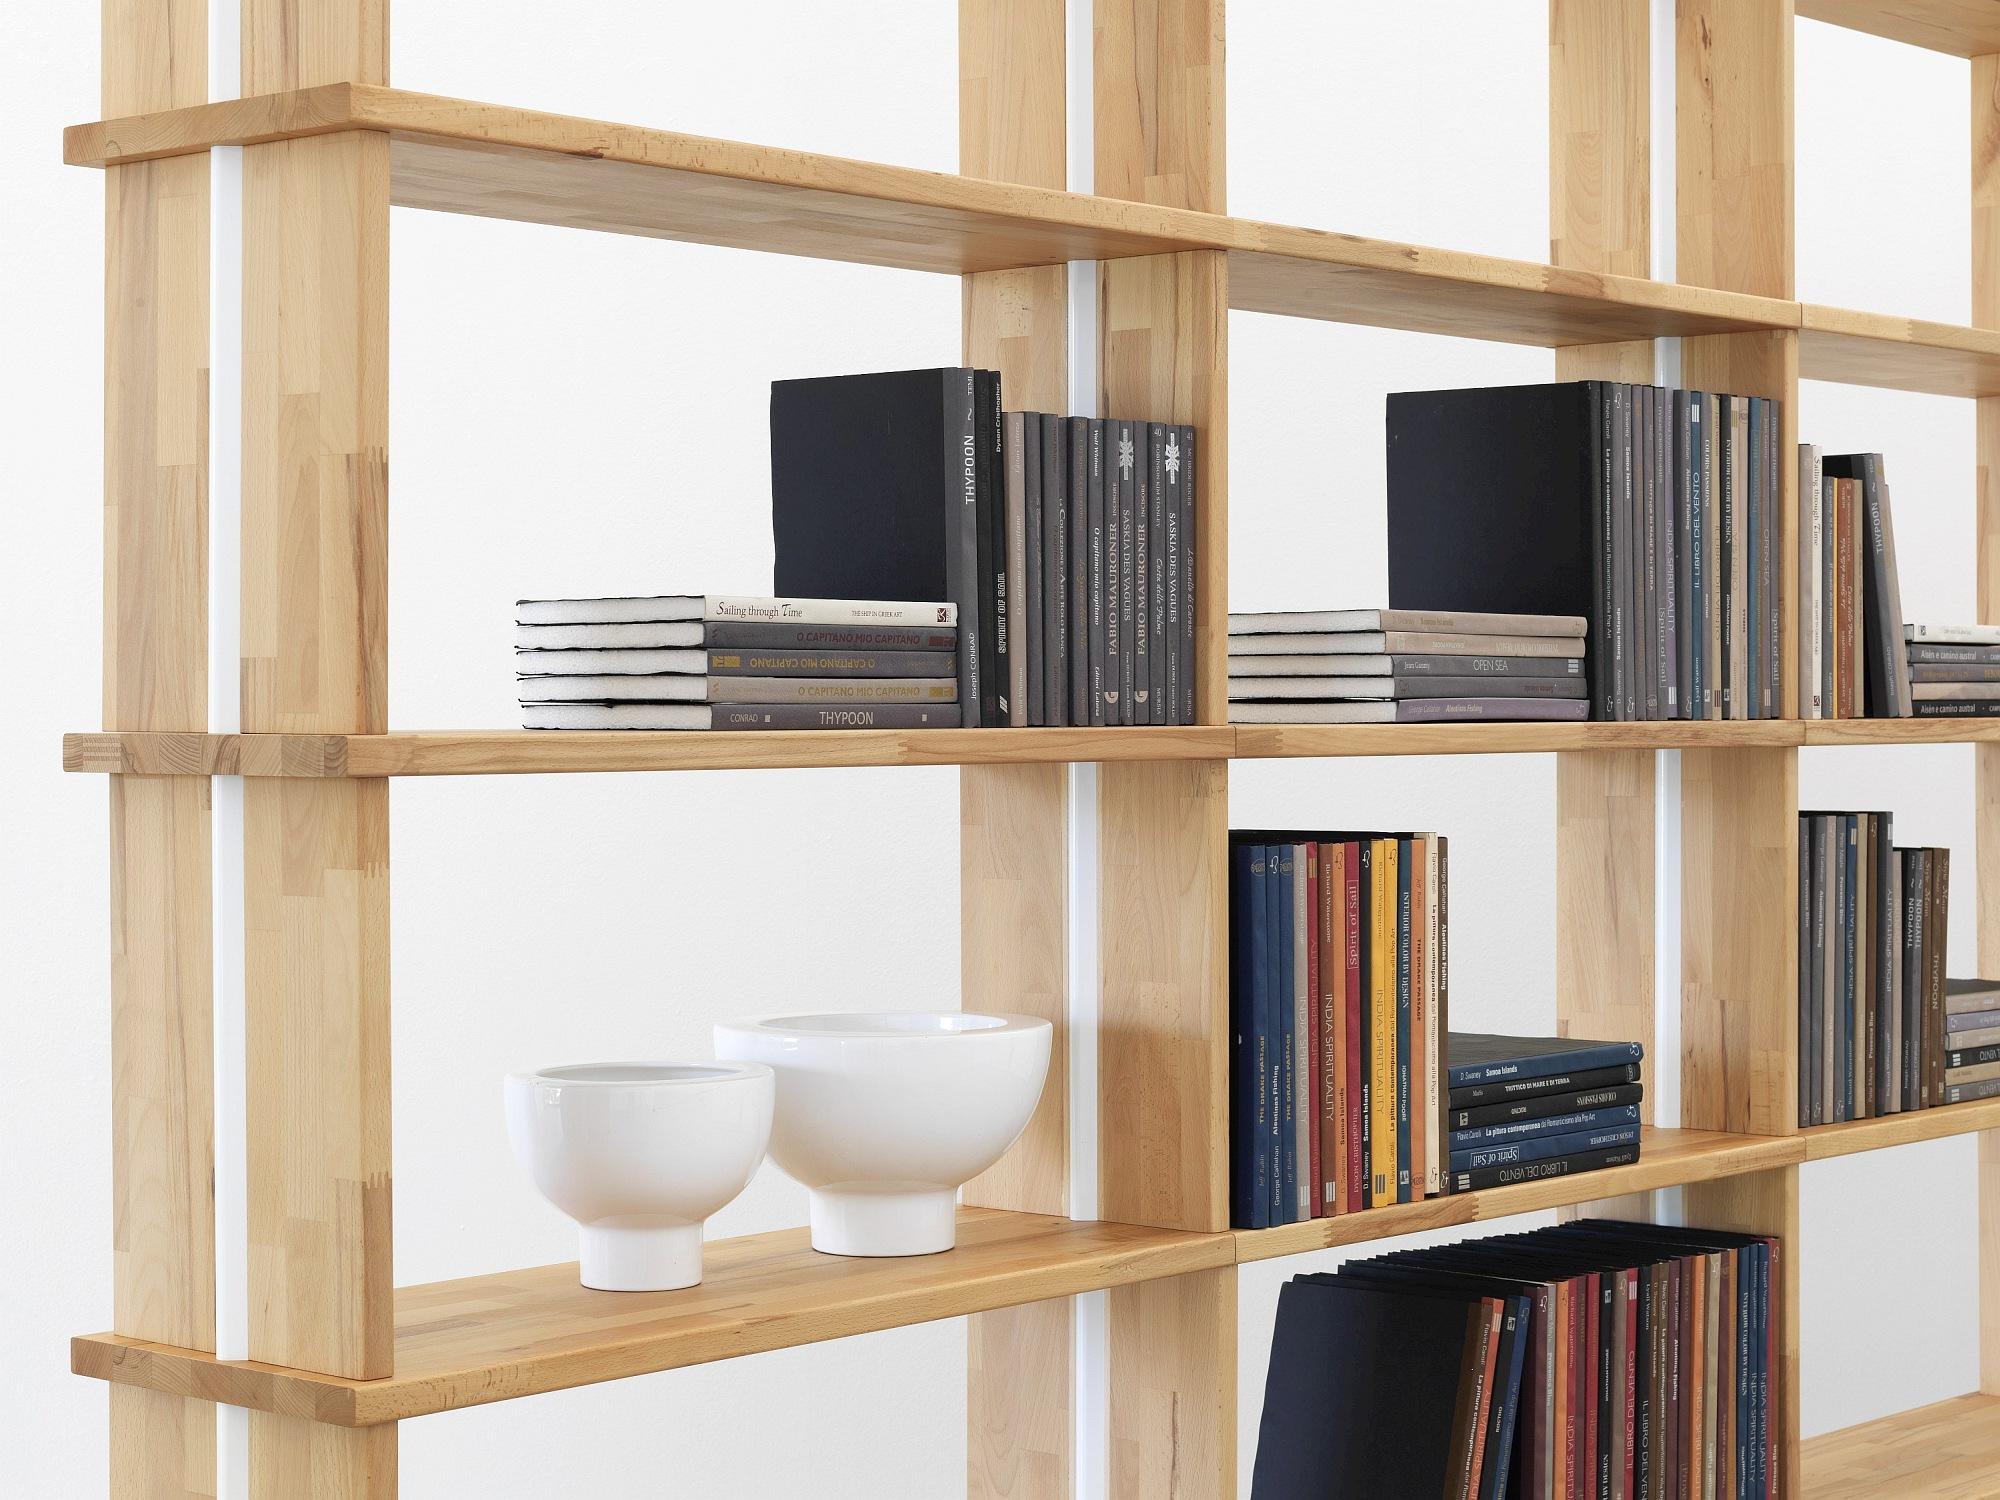 Libreria Per Libri Pesanti libreria nikka peter wood